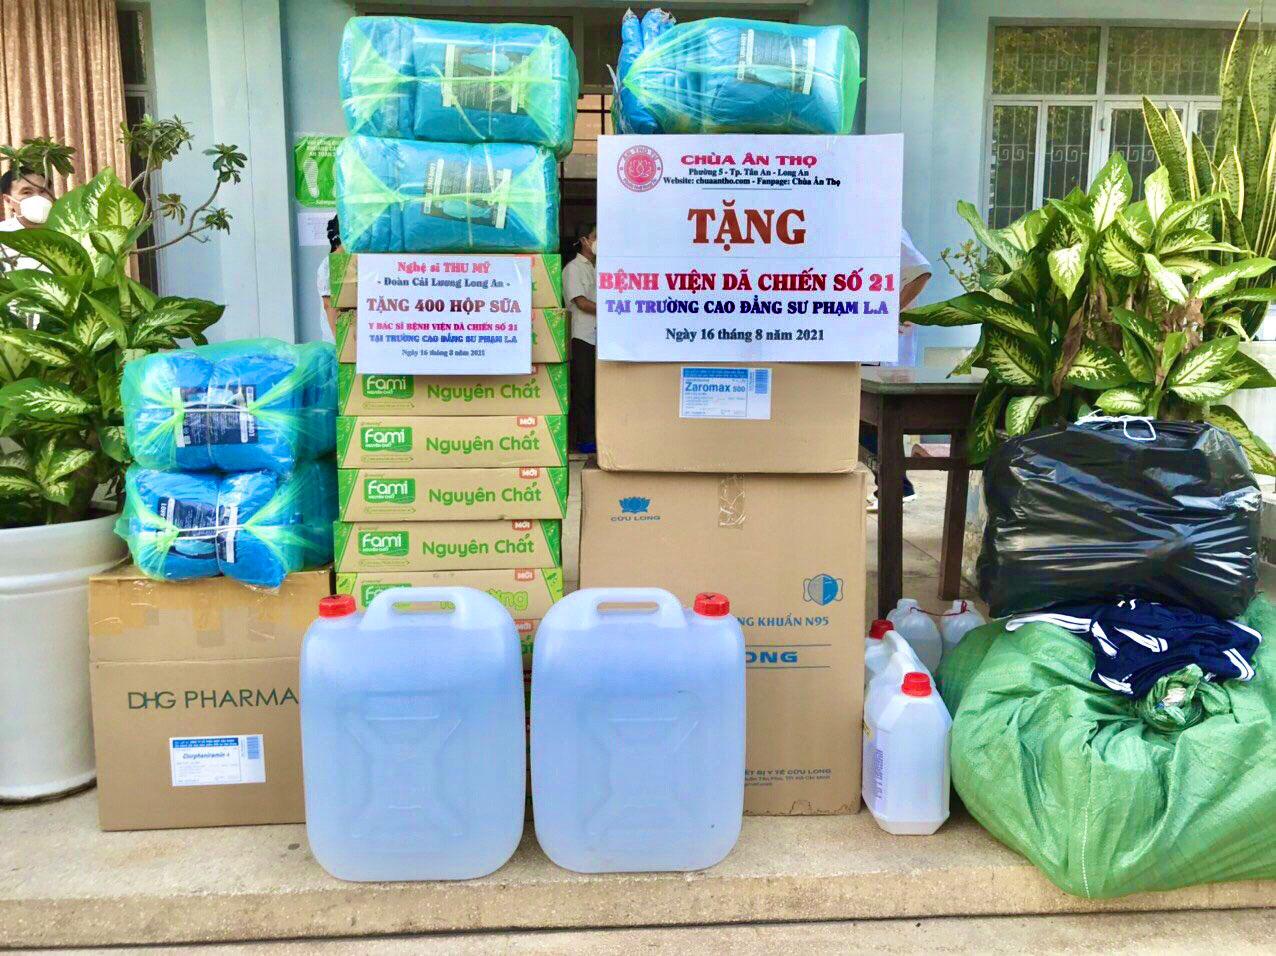 Nghệ sĩ Thu Mỹ trích một phần kinh phí mua 600 hộp sữa góp cùng nguồn quỹ của chùa Ân Thọ tặng bệnh viện dã chiến tại Tân An (Ảnh do nhân vật cung cấp)